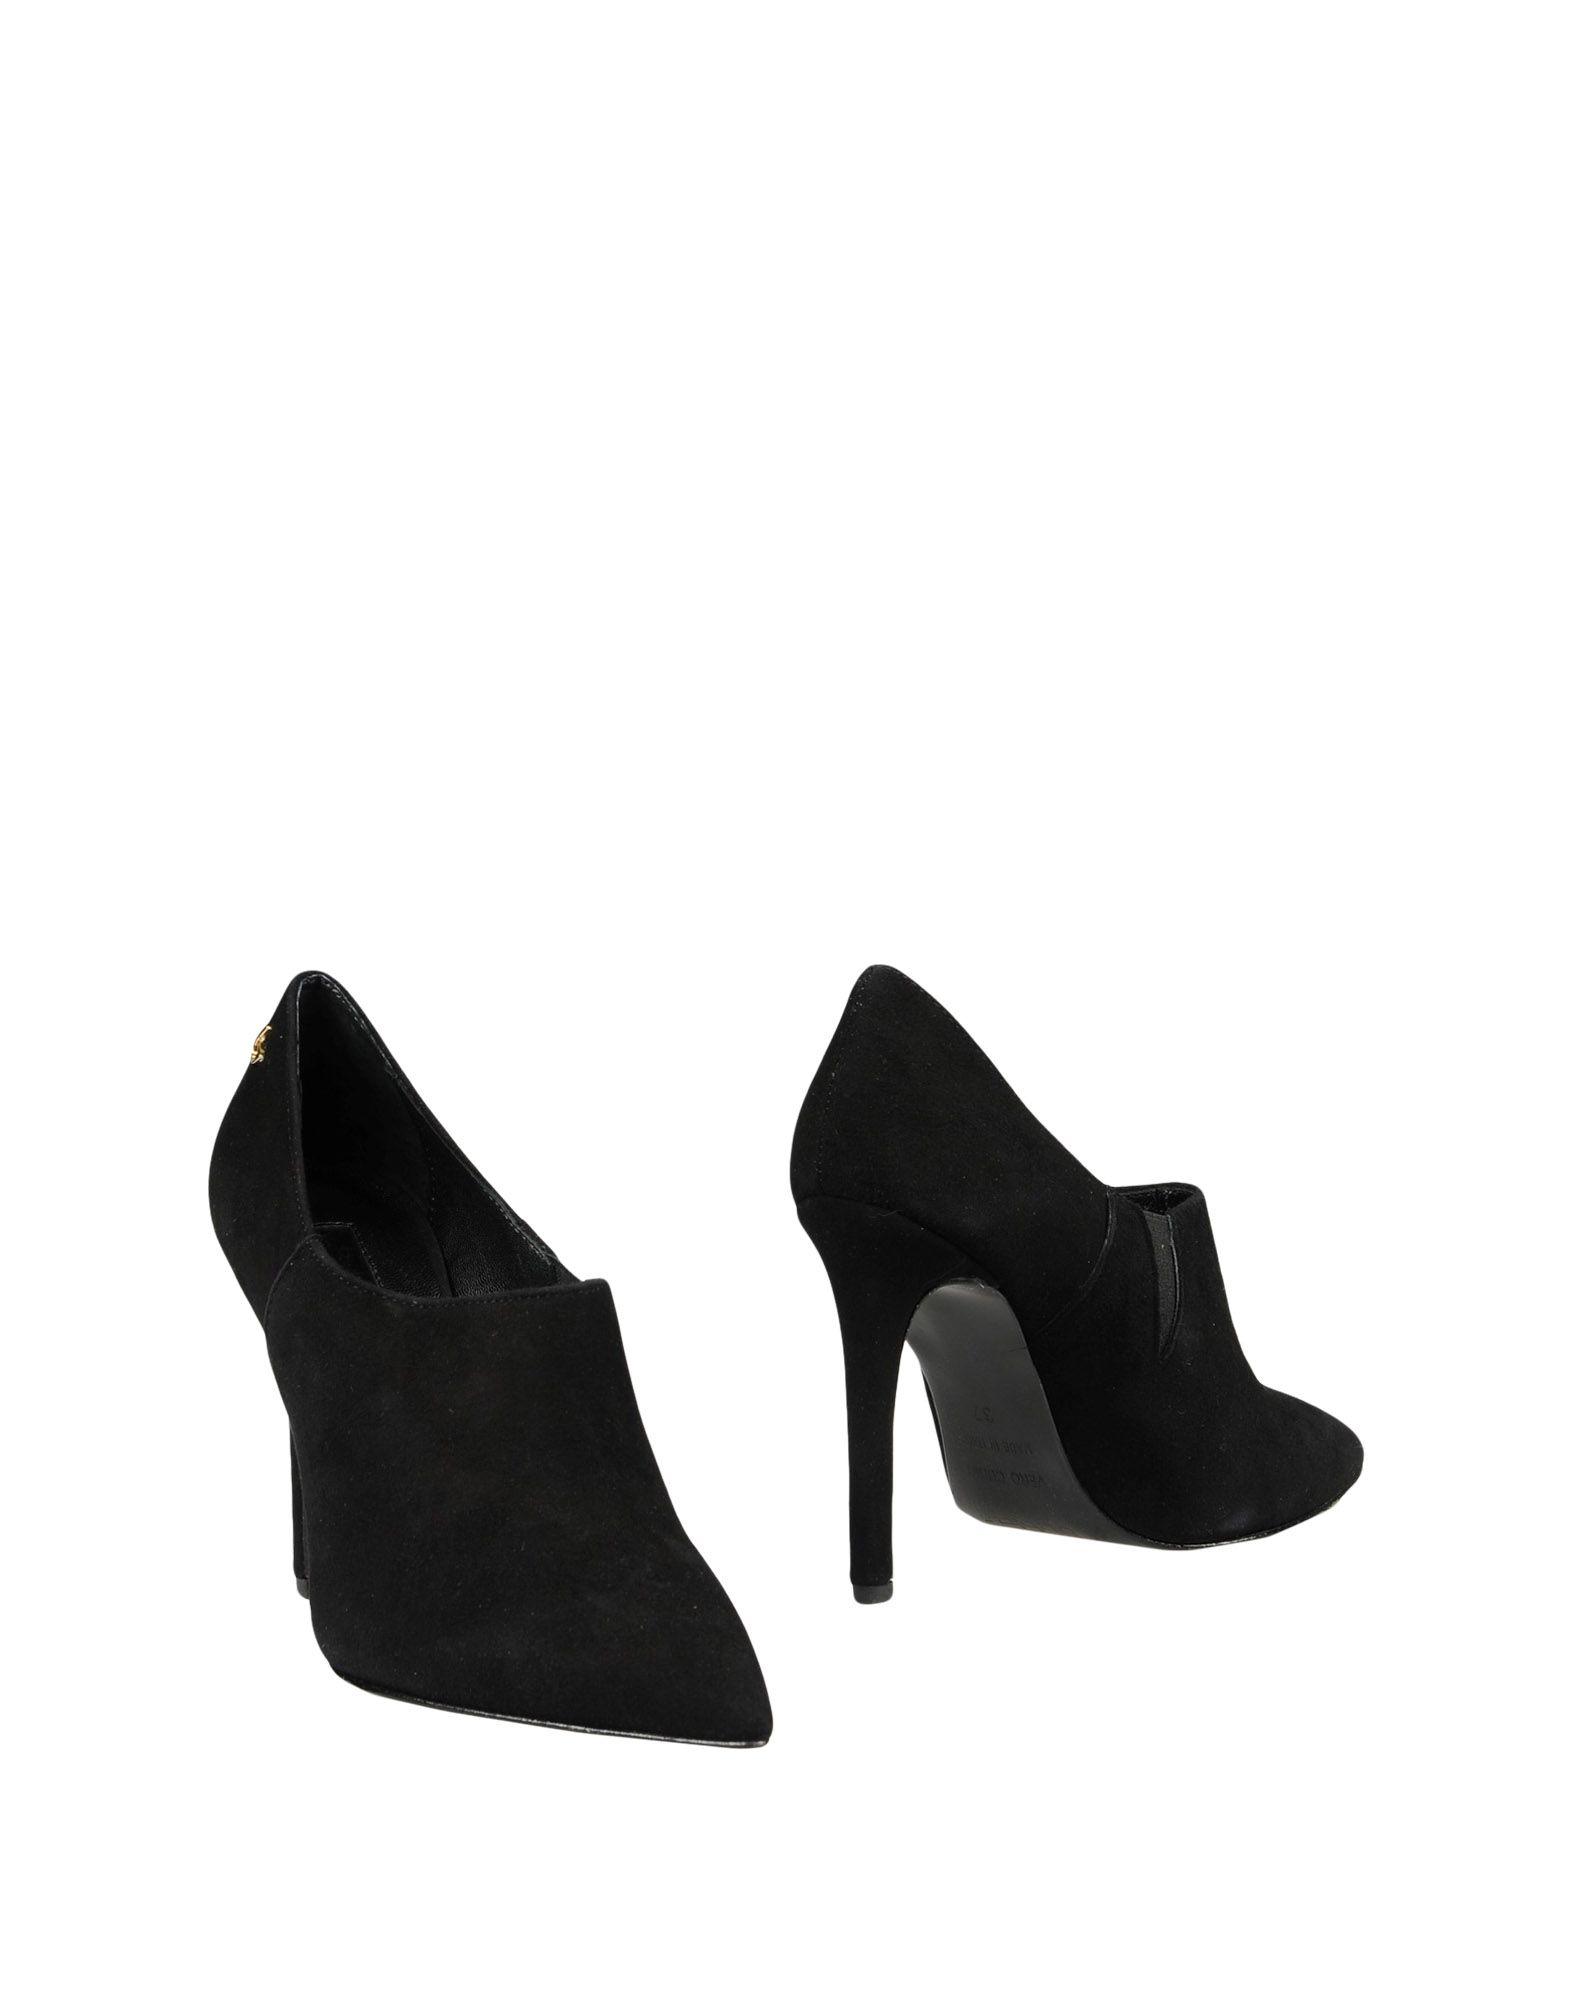 Byblos Stiefelette Damen  11426322EI Gute Qualität beliebte Schuhe